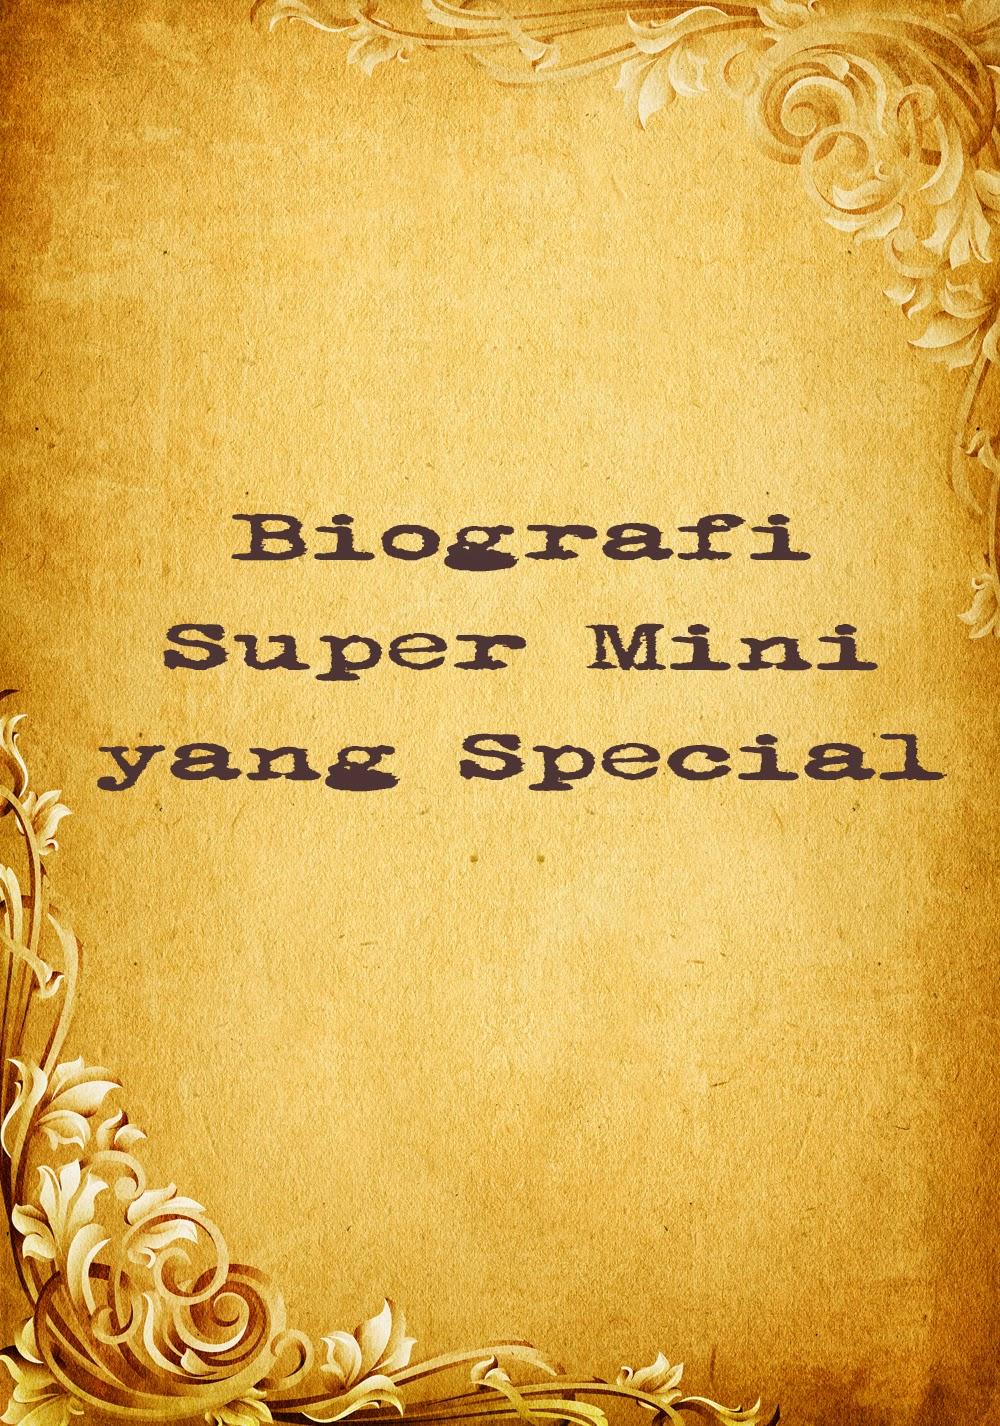 resume  cv adalah biografi super mini yang special